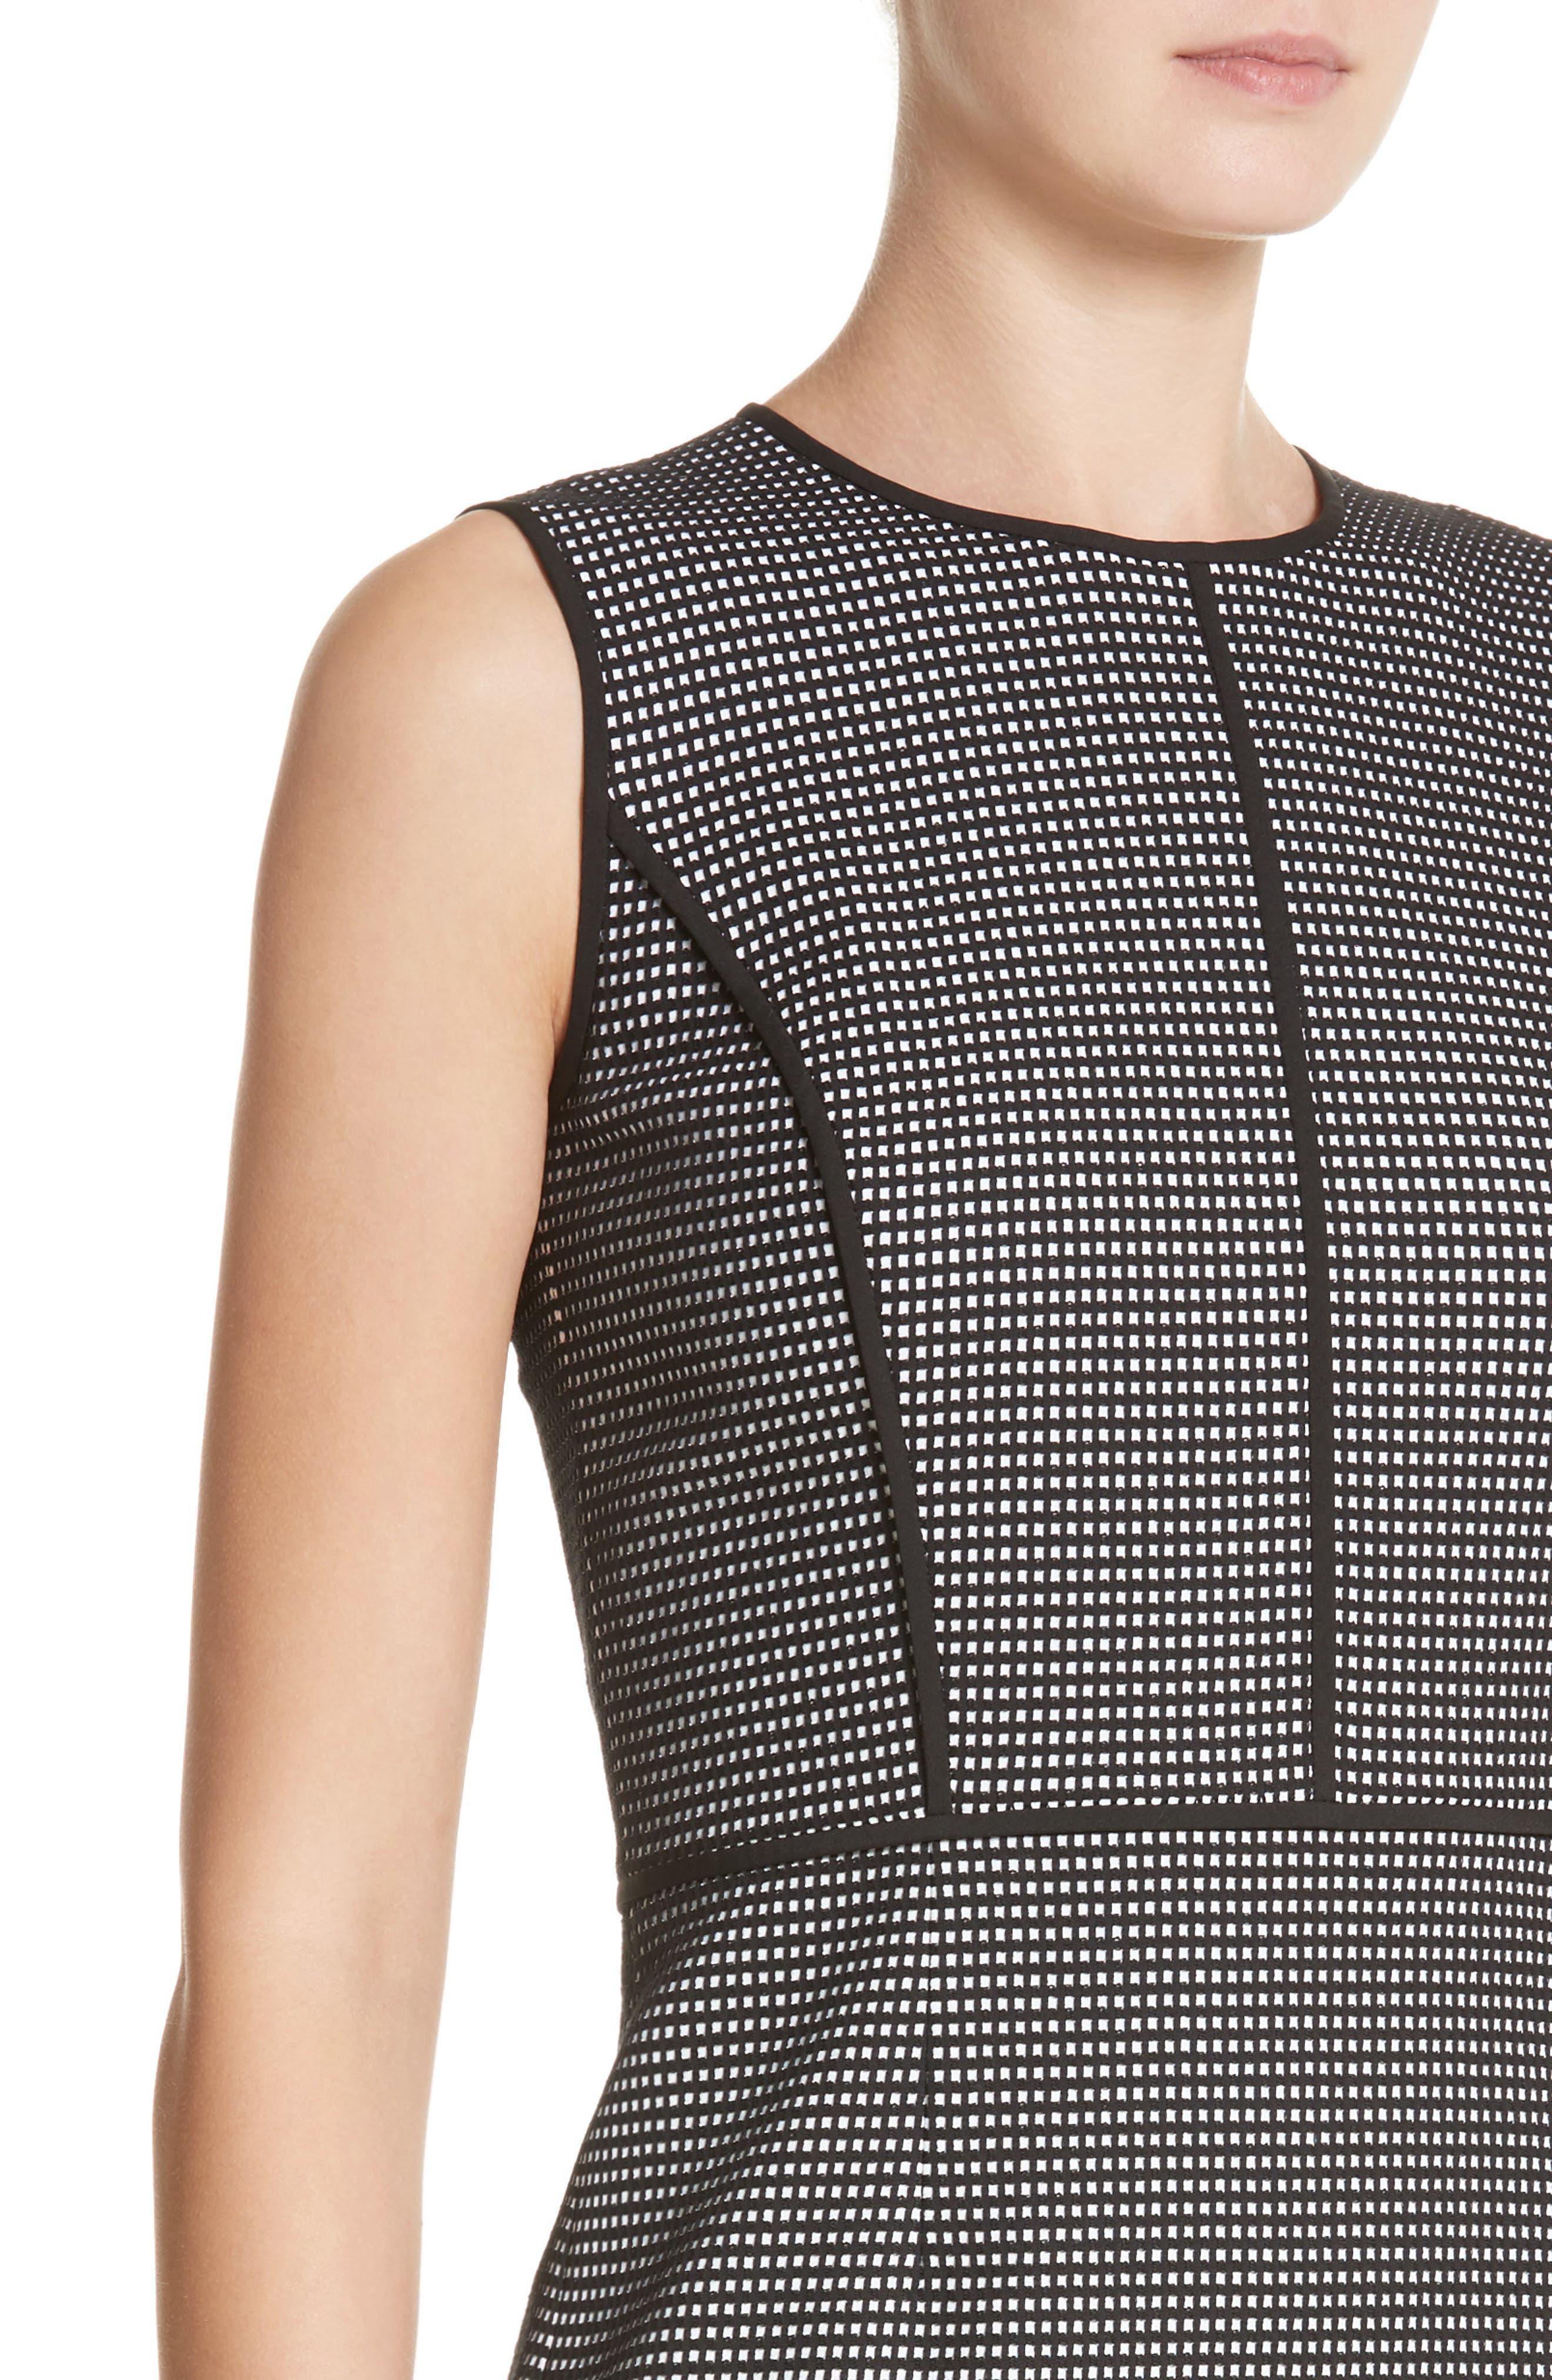 Bree Check Sheath Dress,                             Alternate thumbnail 4, color,                             Black Multi